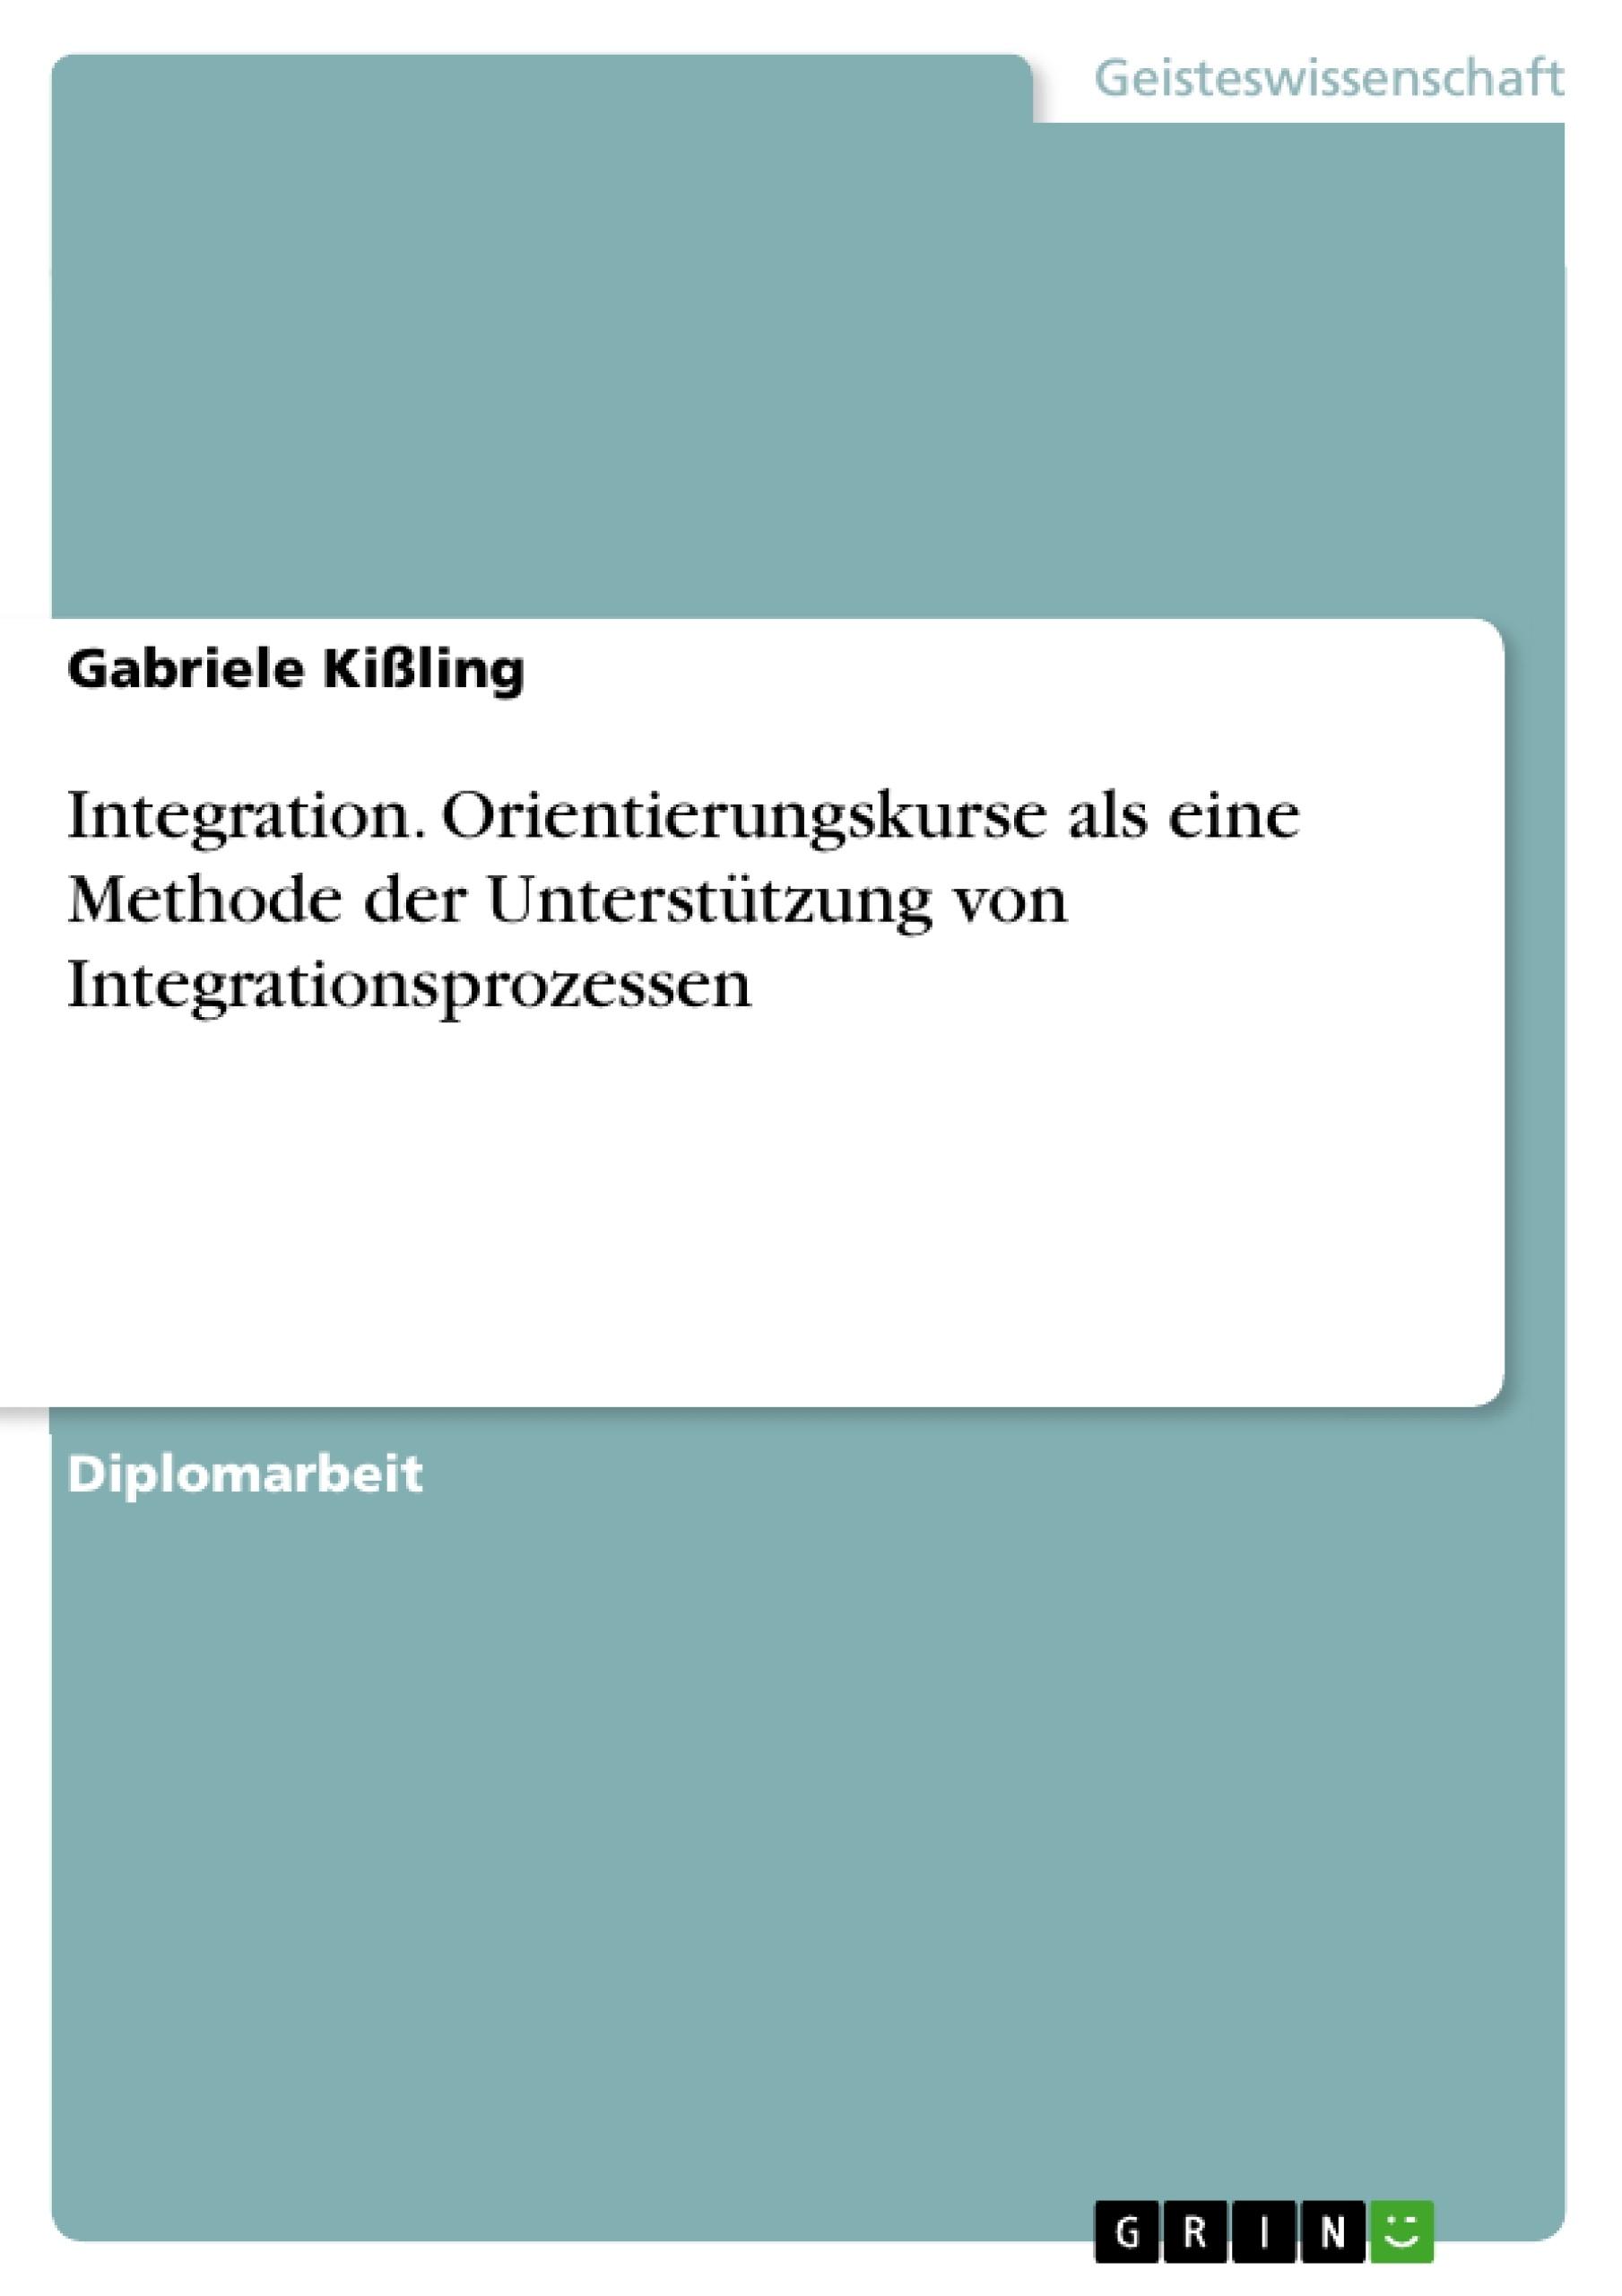 Titel: Integration. Orientierungskurse als eine Methode der Unterstützung von Integrationsprozessen